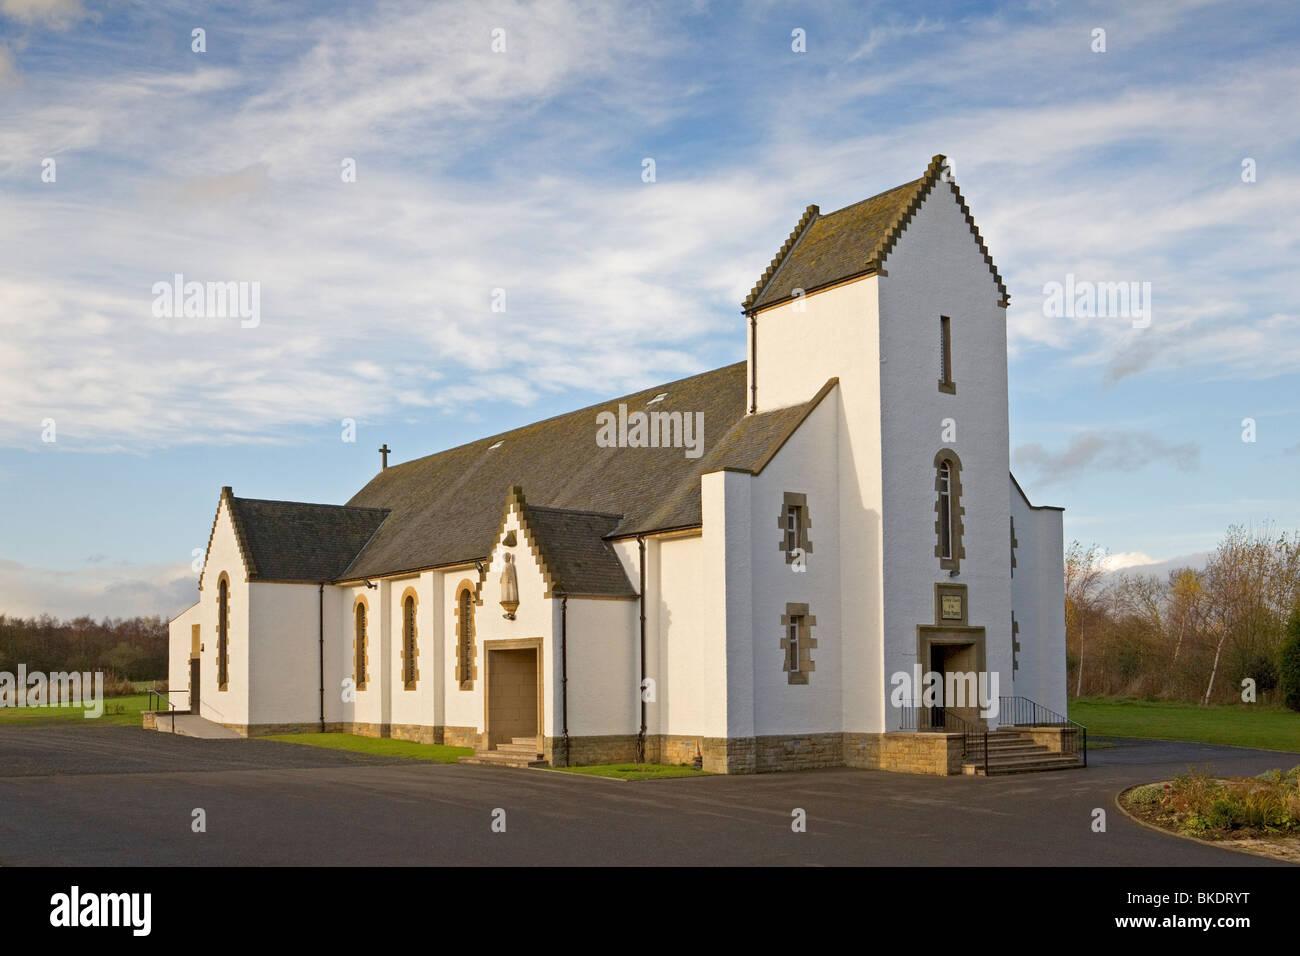 Catholic Church of the Holy Name, Oakley near Dunfermline - Stock Image